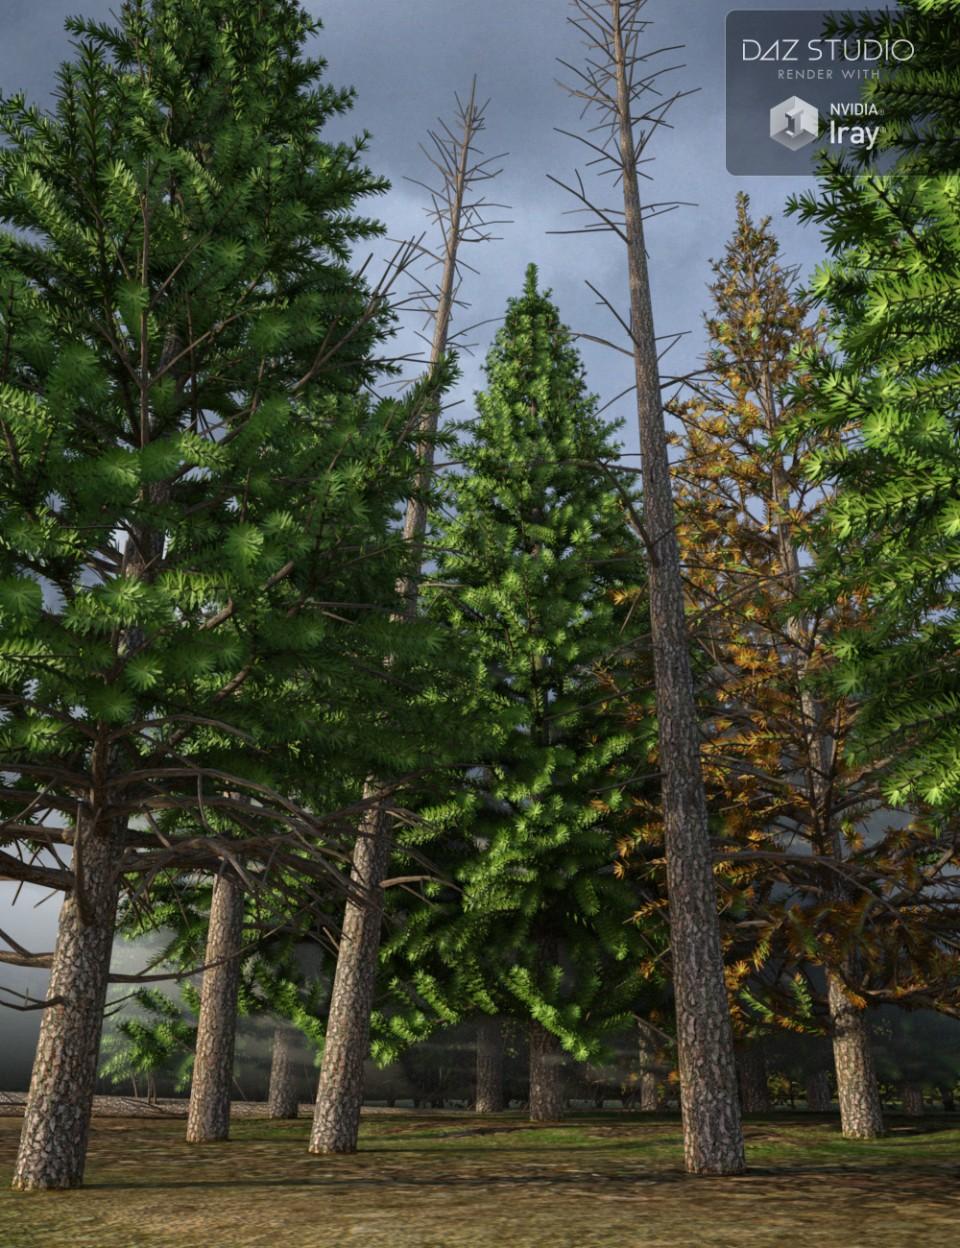 Evergreen Fir Trees_DAZ3D下载站